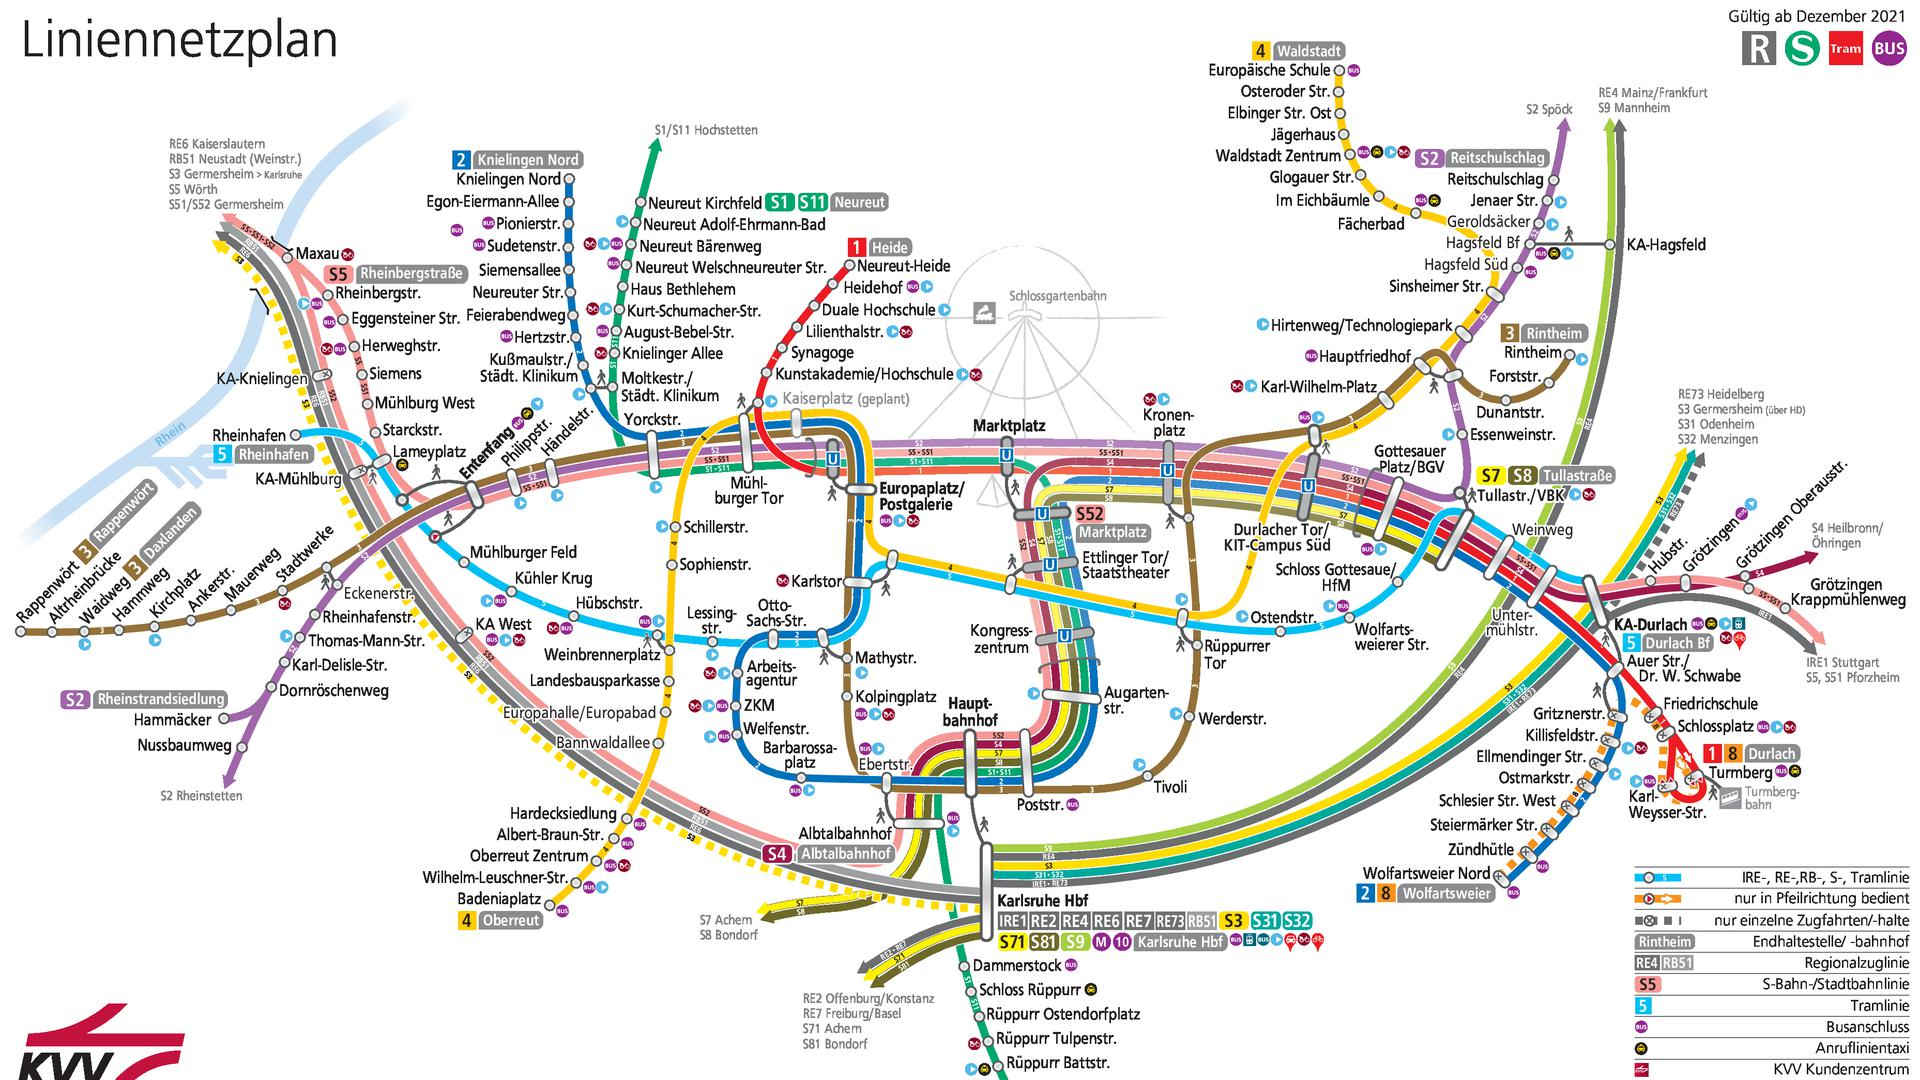 Liniennetzplan nach Abschluss der Kombilösung Karlsruhe um Dezember 2021